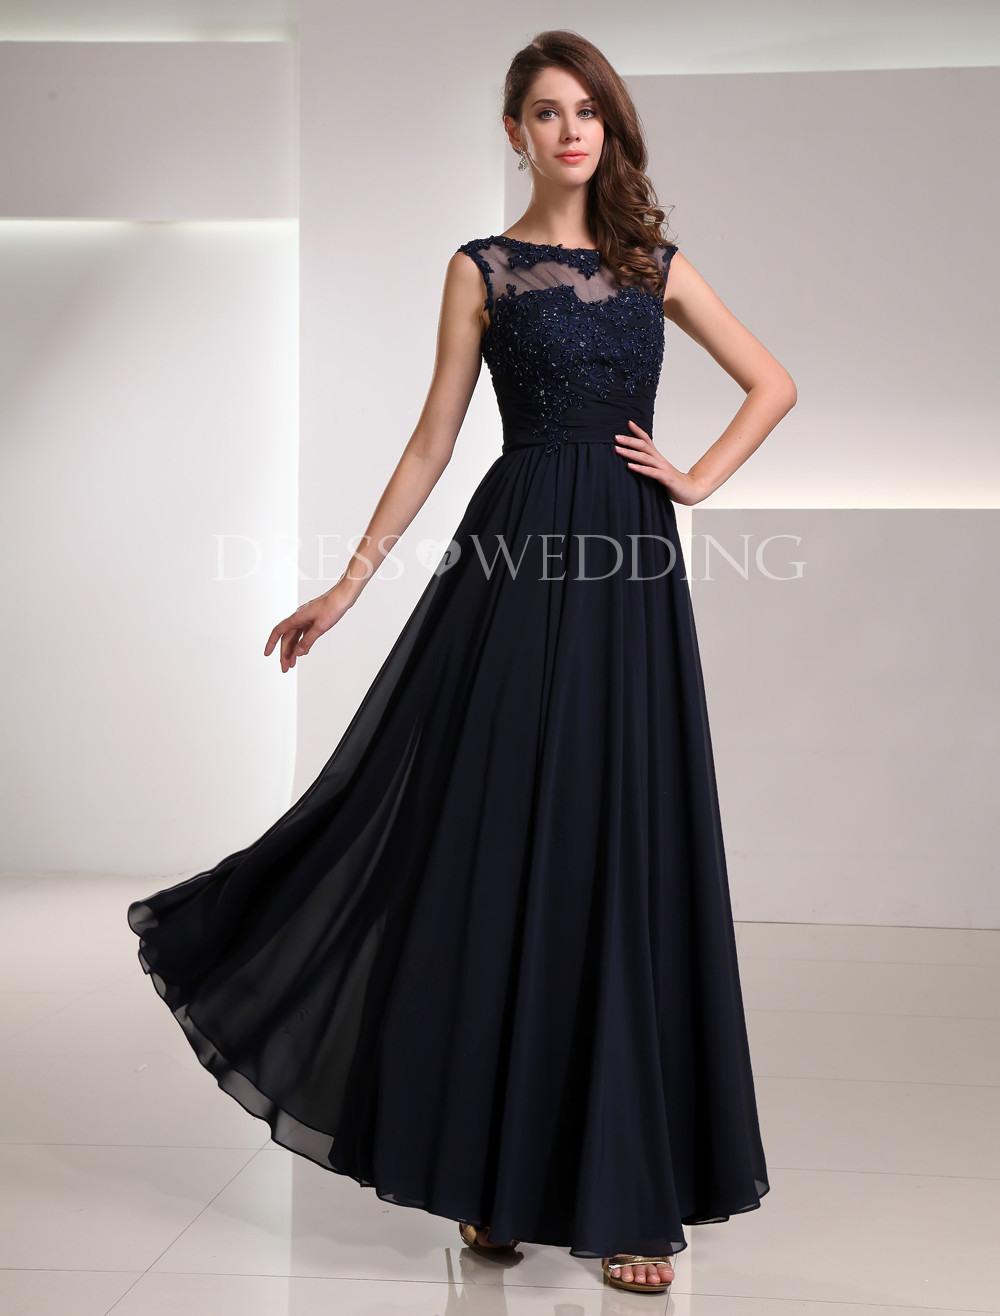 10 Schön Abend Kleid Dunkel Blau Stylish Top Abend Kleid Dunkel Blau Boutique